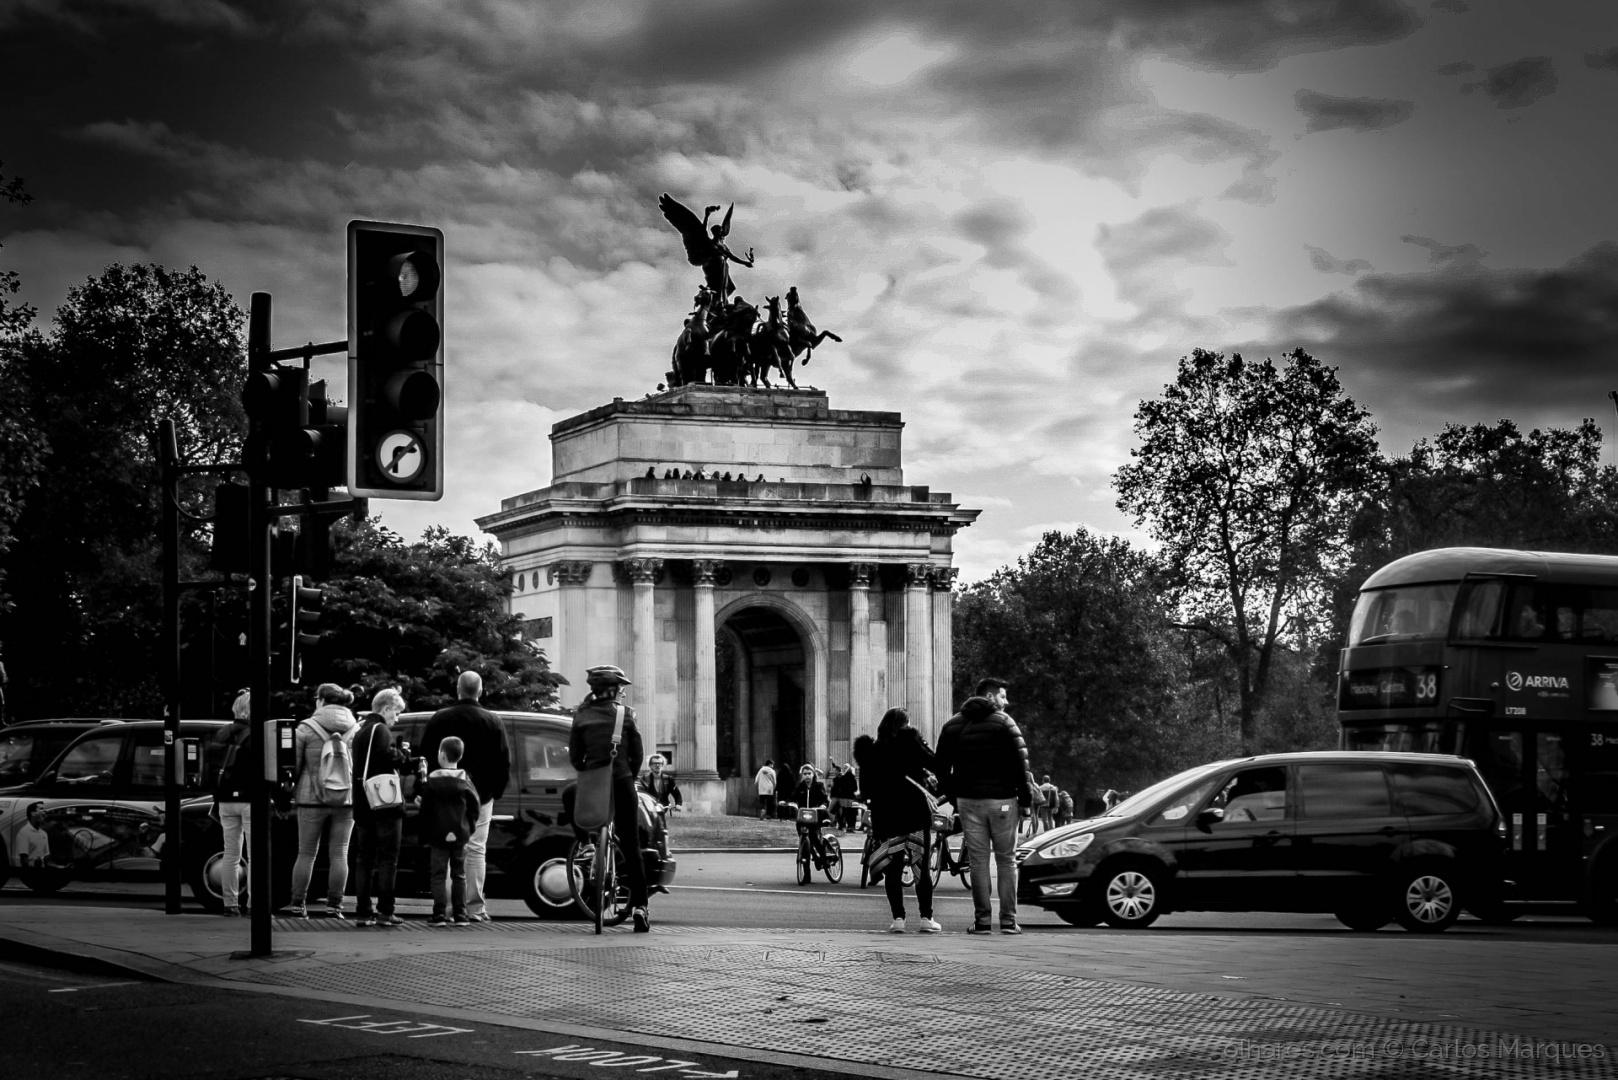 Paisagem Urbana/Wherever I Go